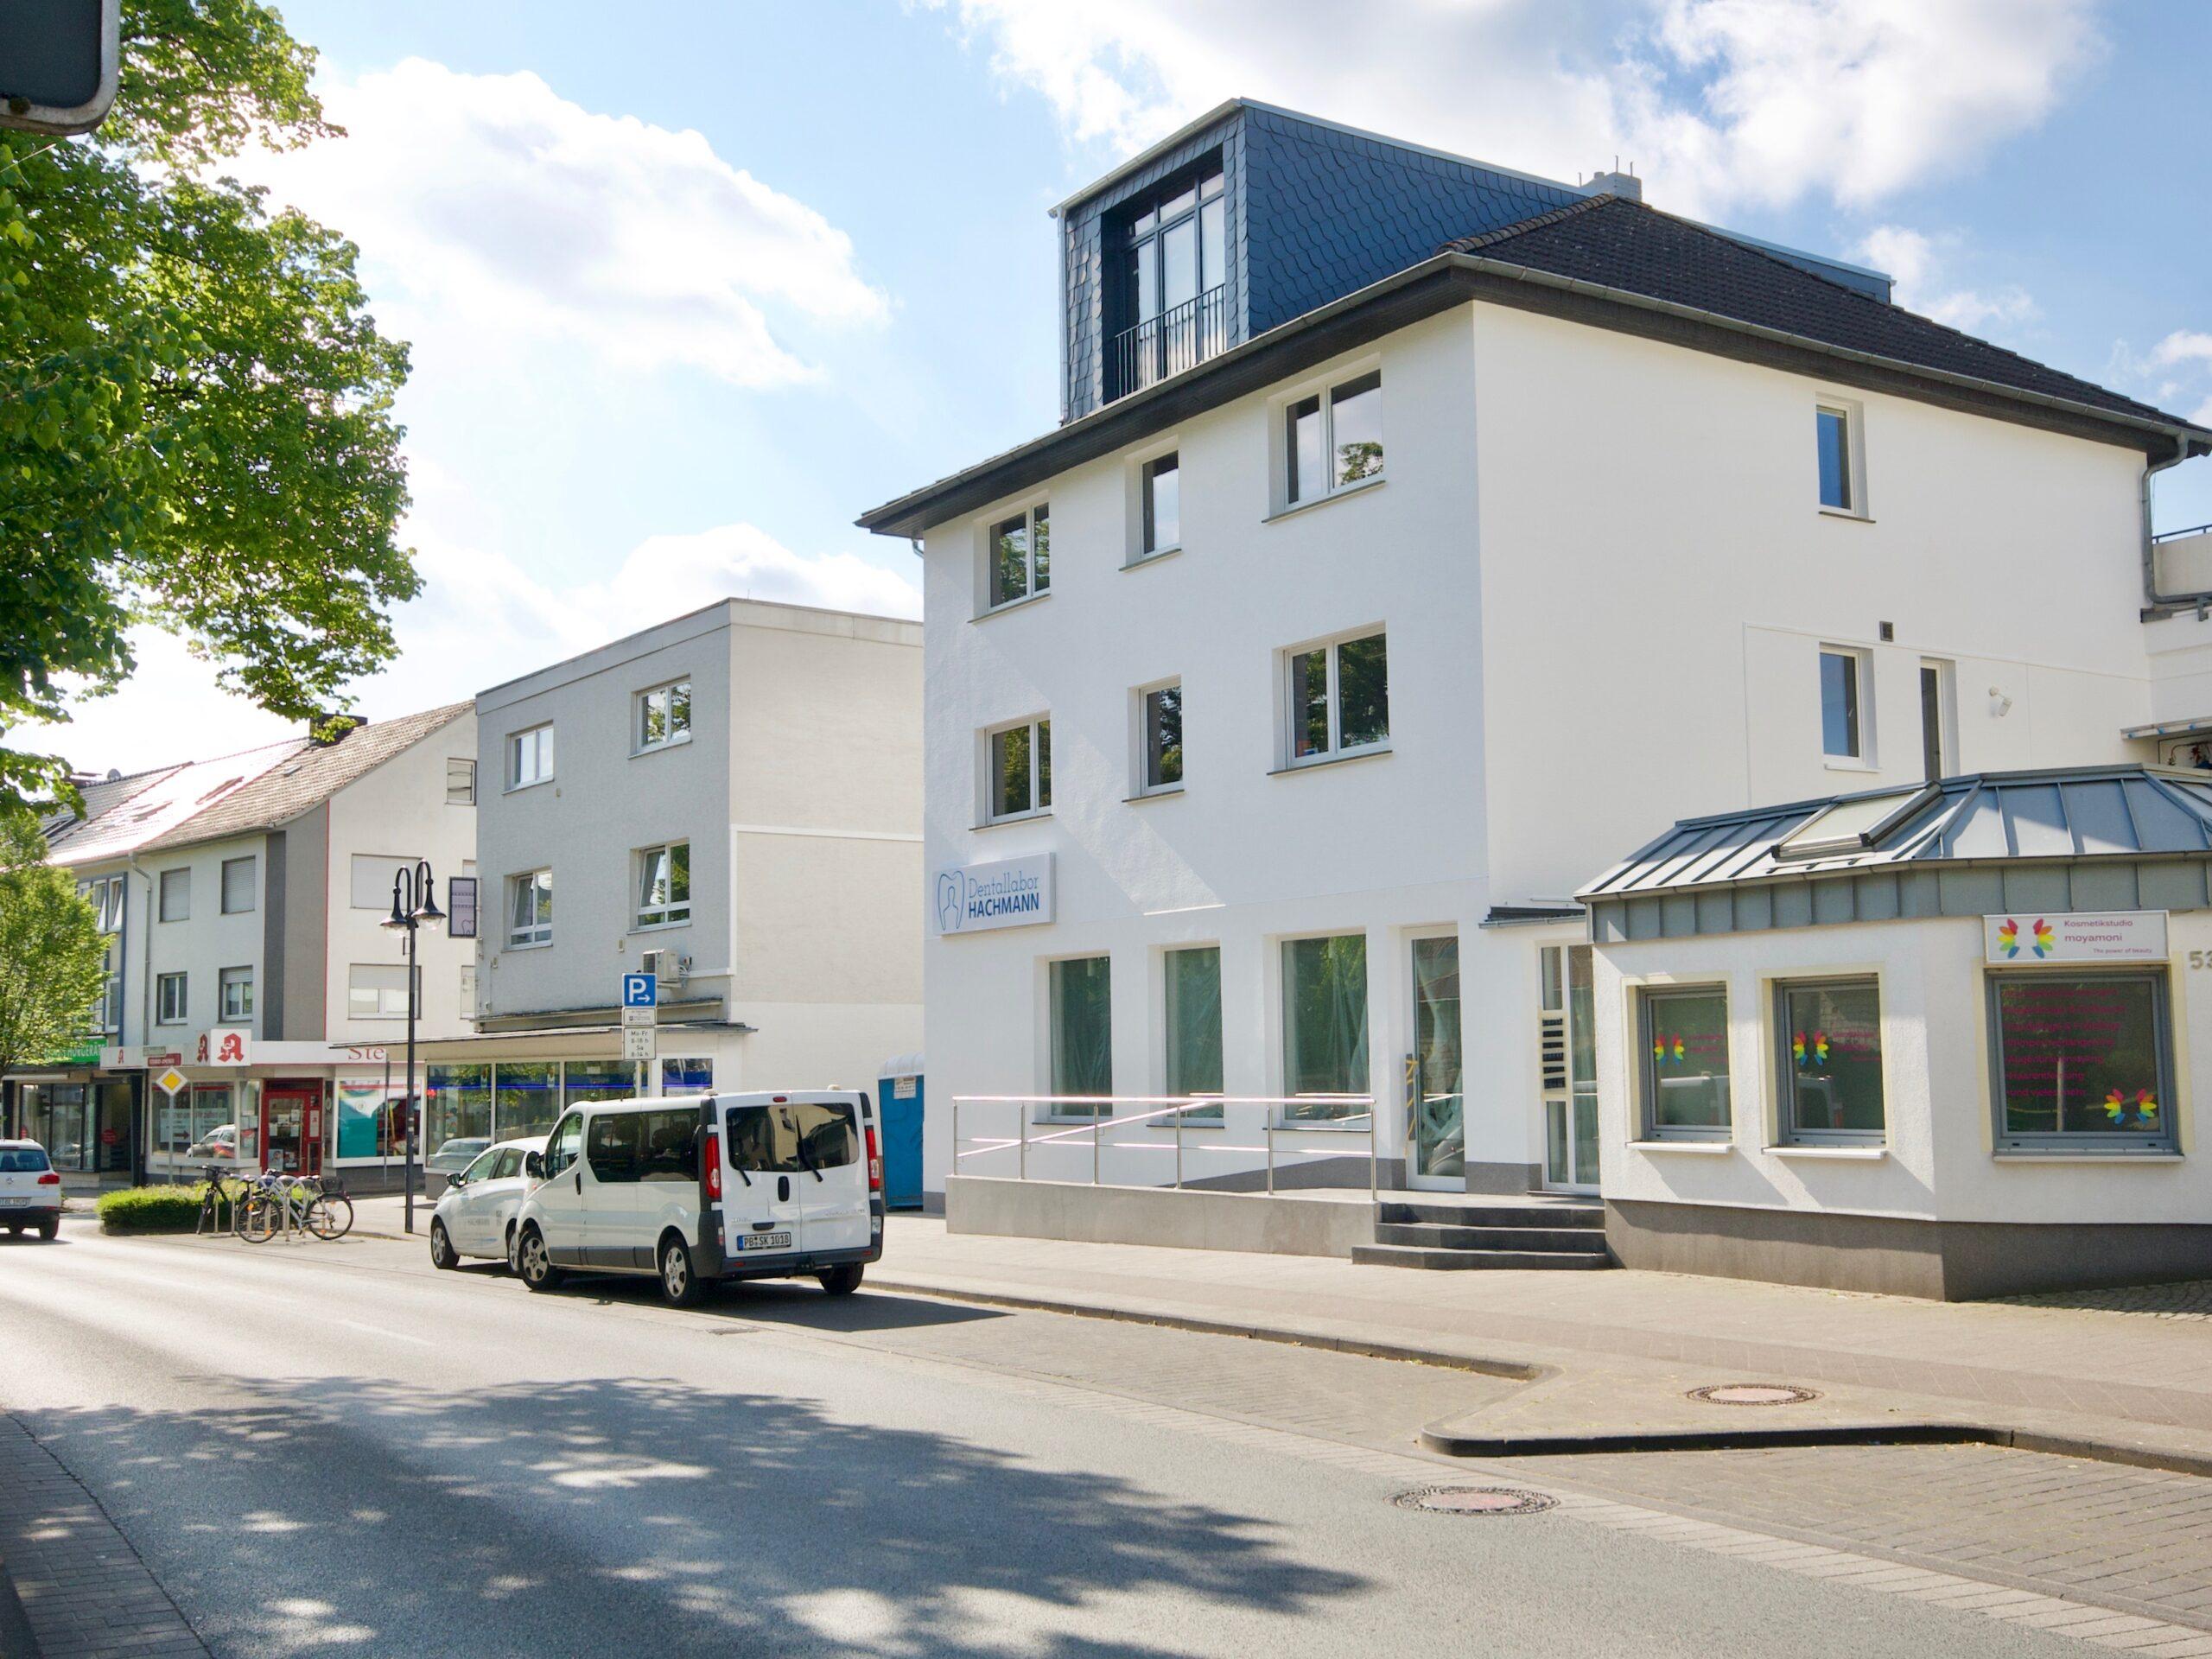 Apotheke, von Ketteler Straße 51, 33106 Paderborn